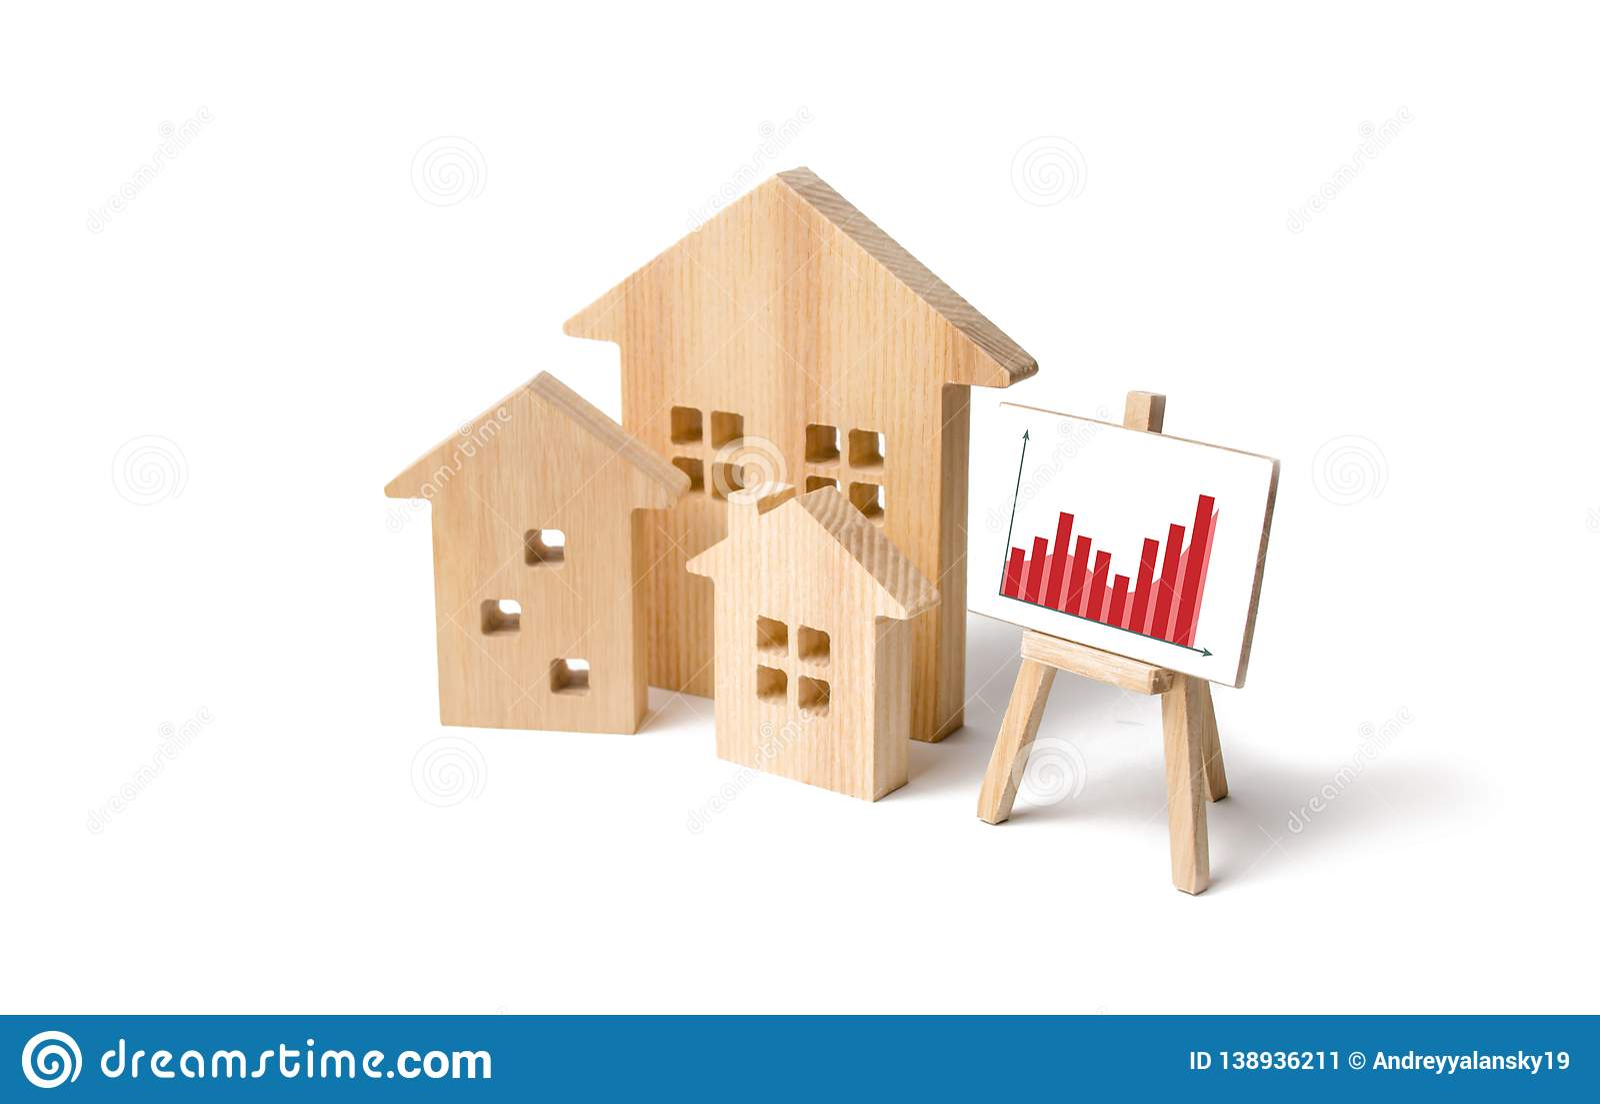 Ξύλινα σπίτια με μια στάση της γραφικής παράστασης και των πληροφοριών Αυξανόμενη ζήτηση για την κατοικία και την ακίνητη περιουσ